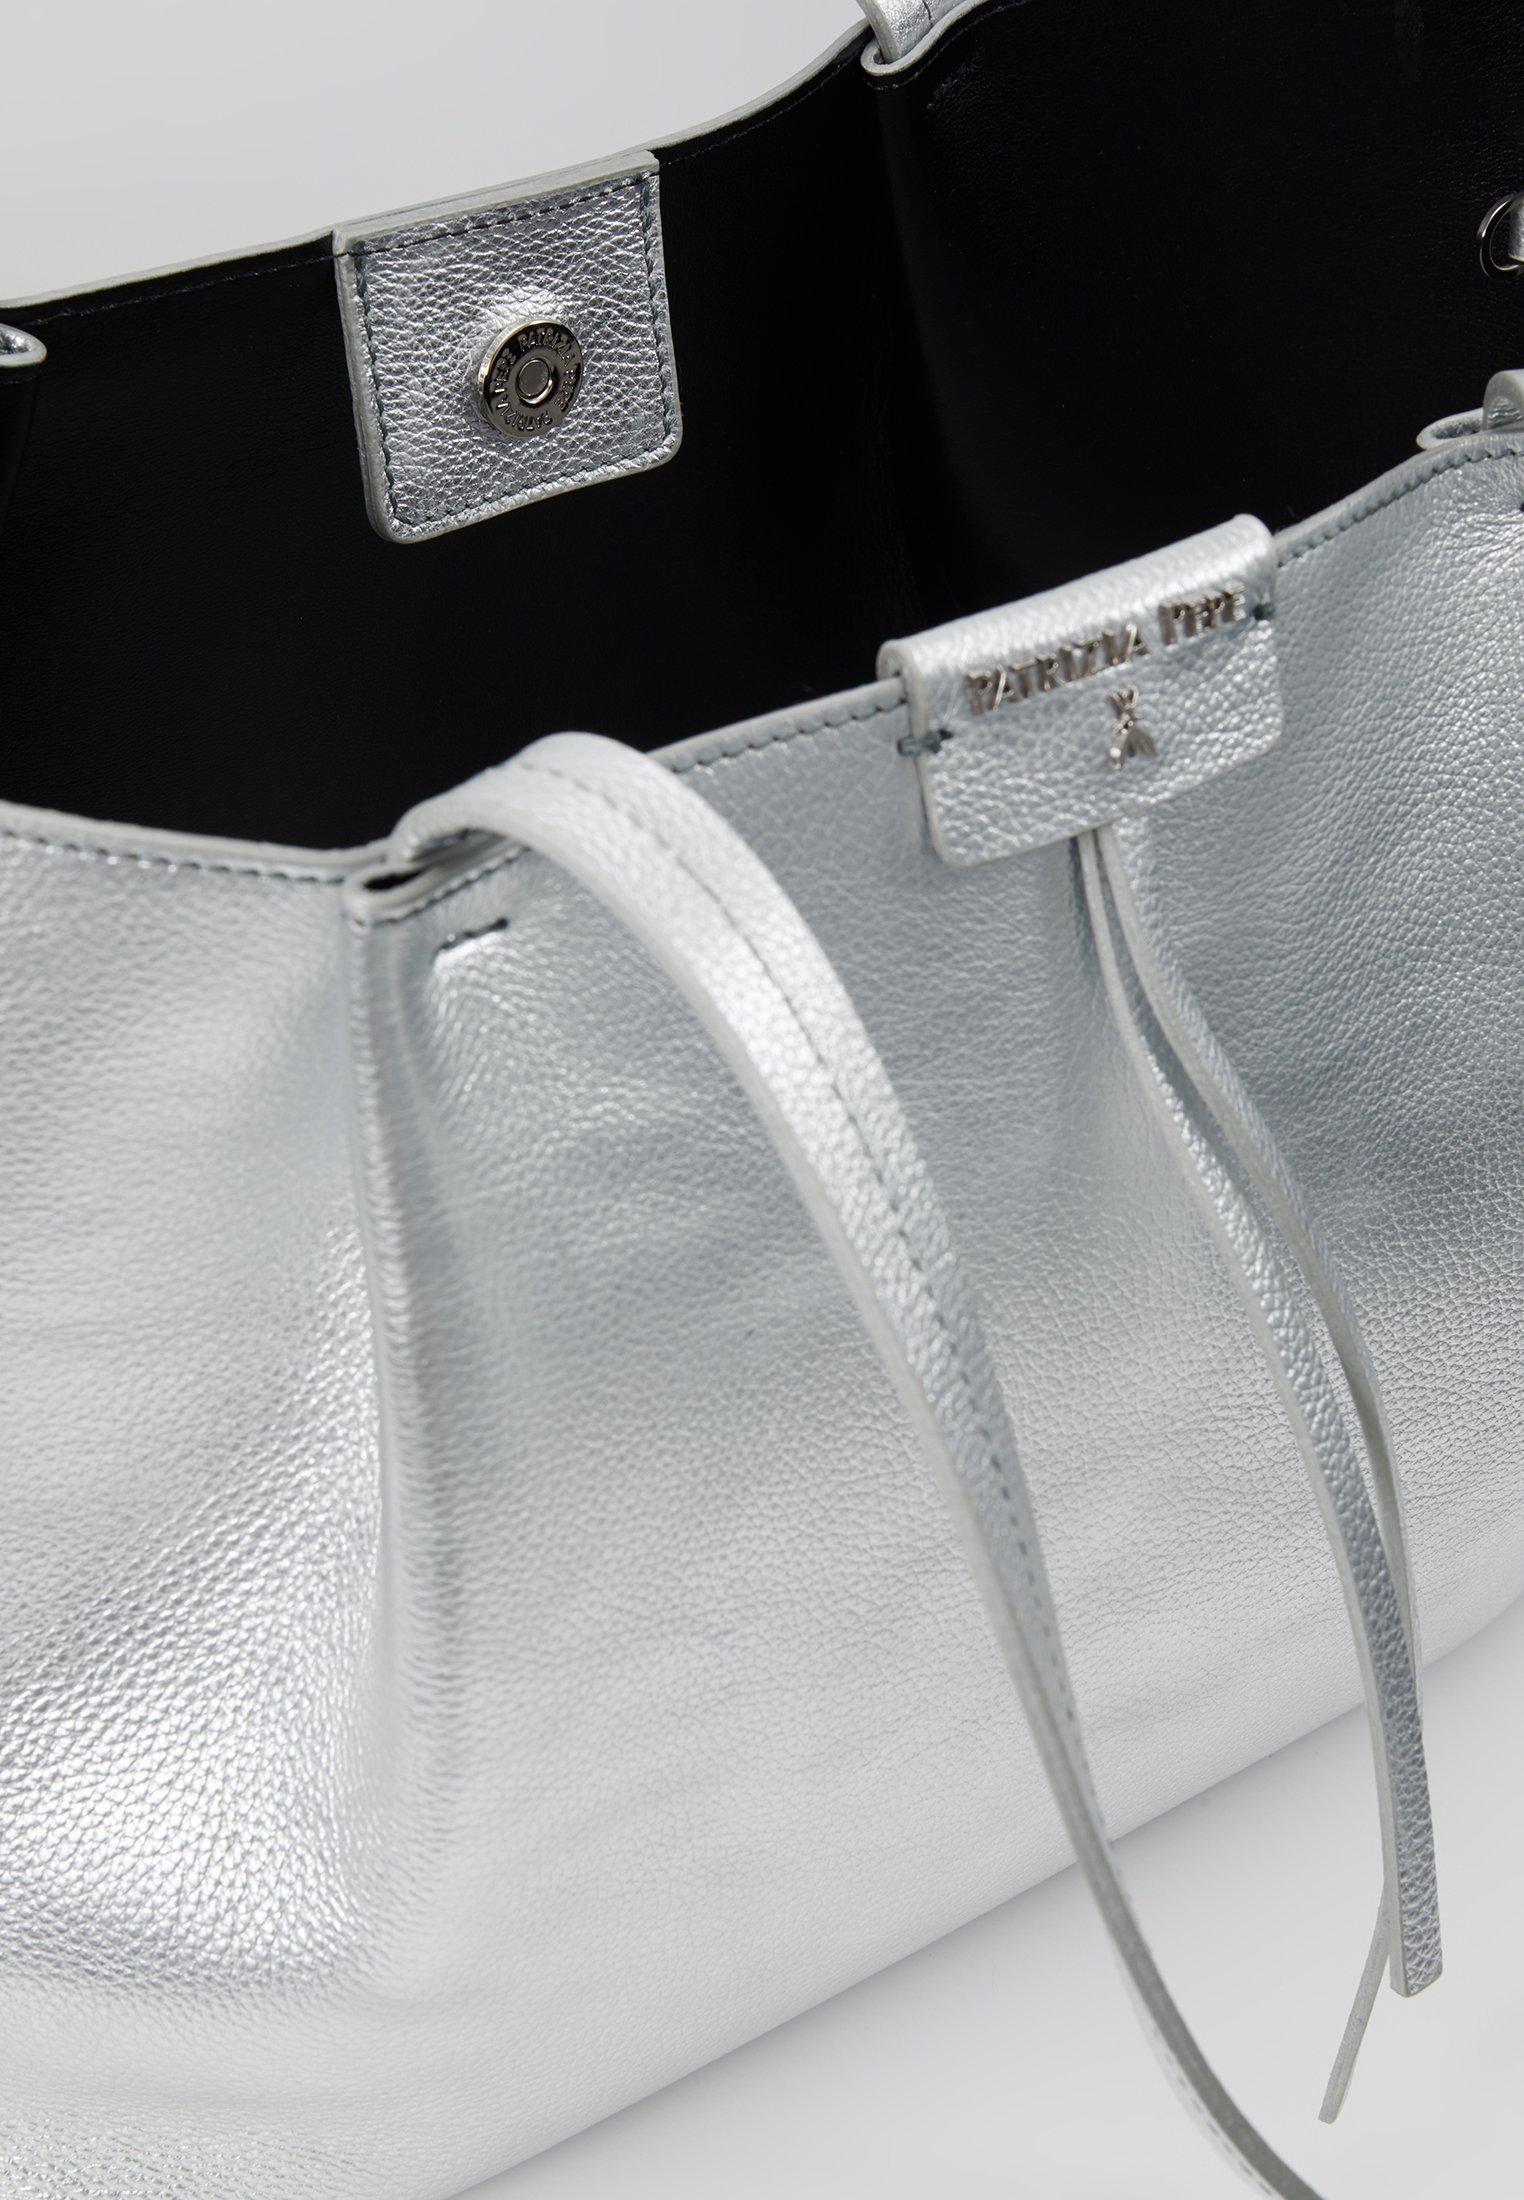 Patrizia Pepe Handtasche - Silver/silber